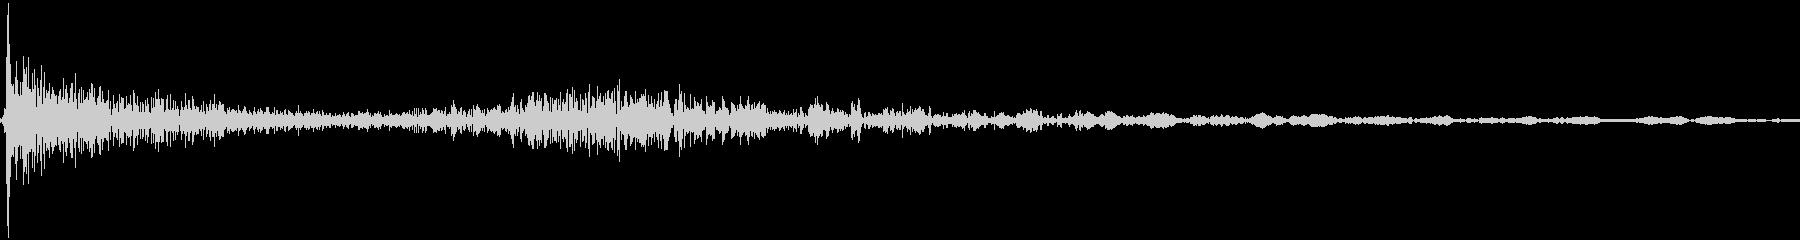 パタン カタン(ロッカーを閉める音)の未再生の波形